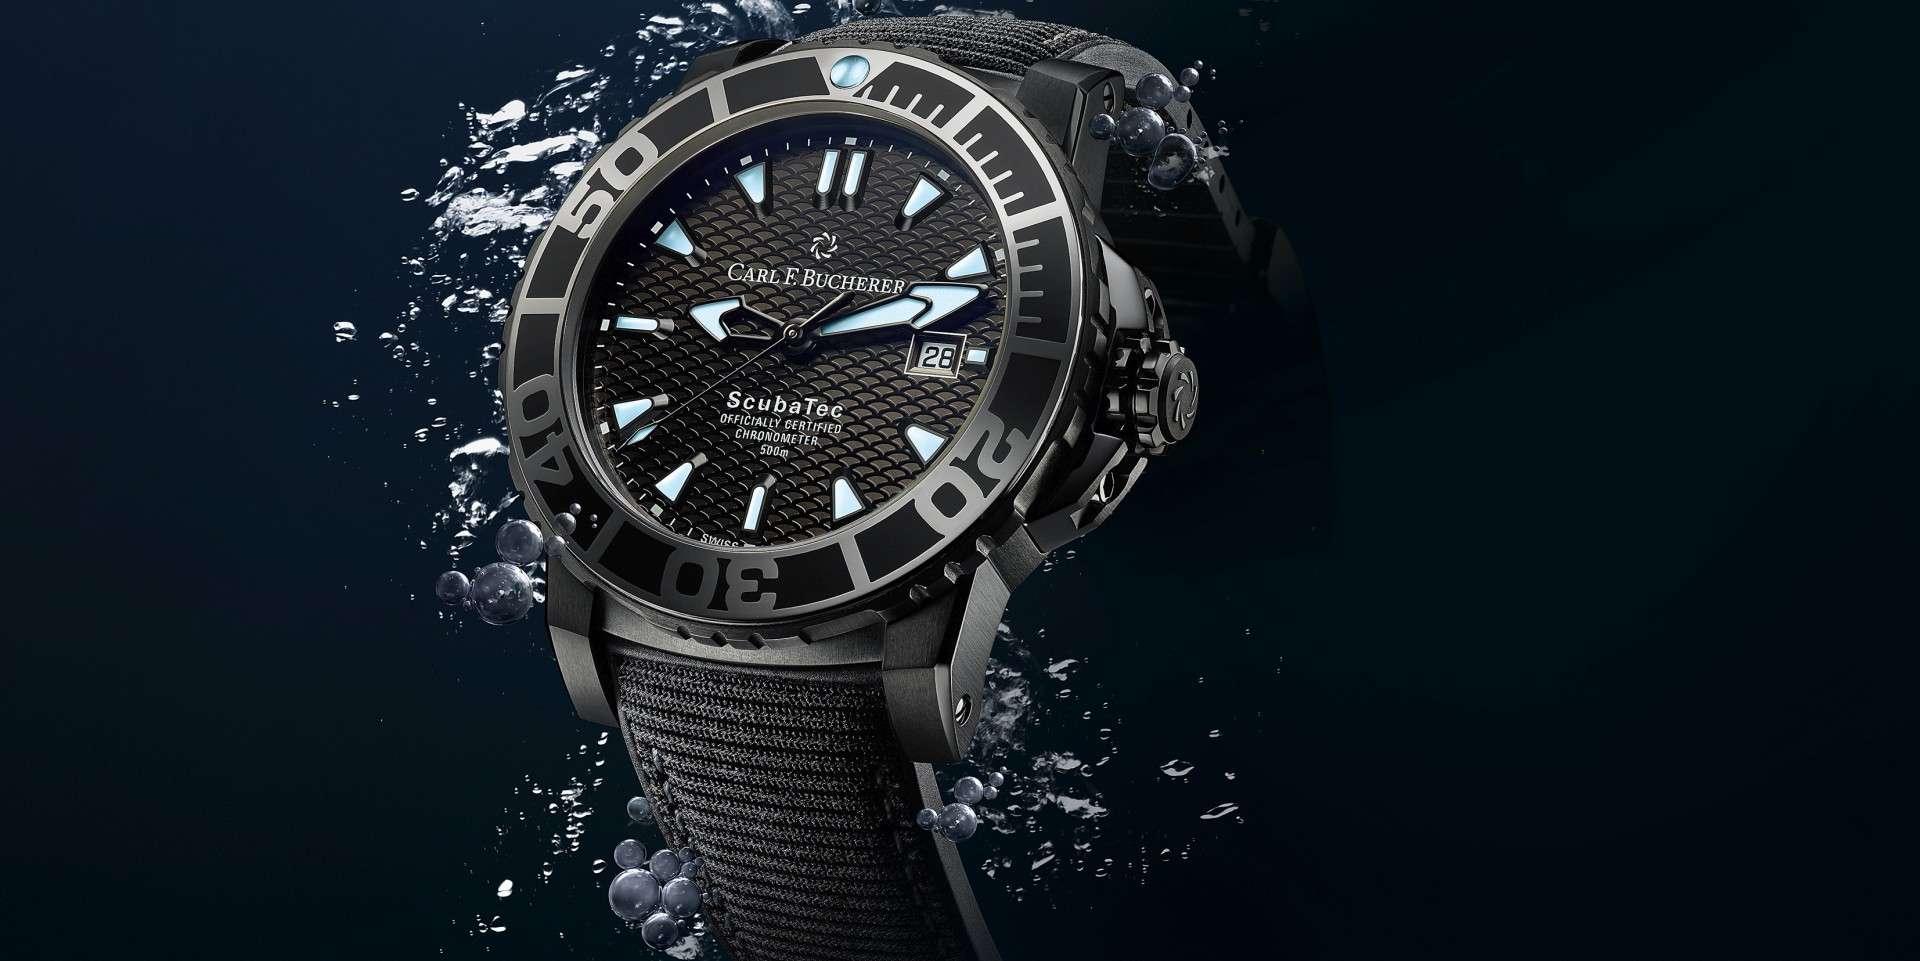 獻給不凡的冒險家:寶齊萊全新柏拉維深潛腕錶碳黑版Patravi ScubaTec Black